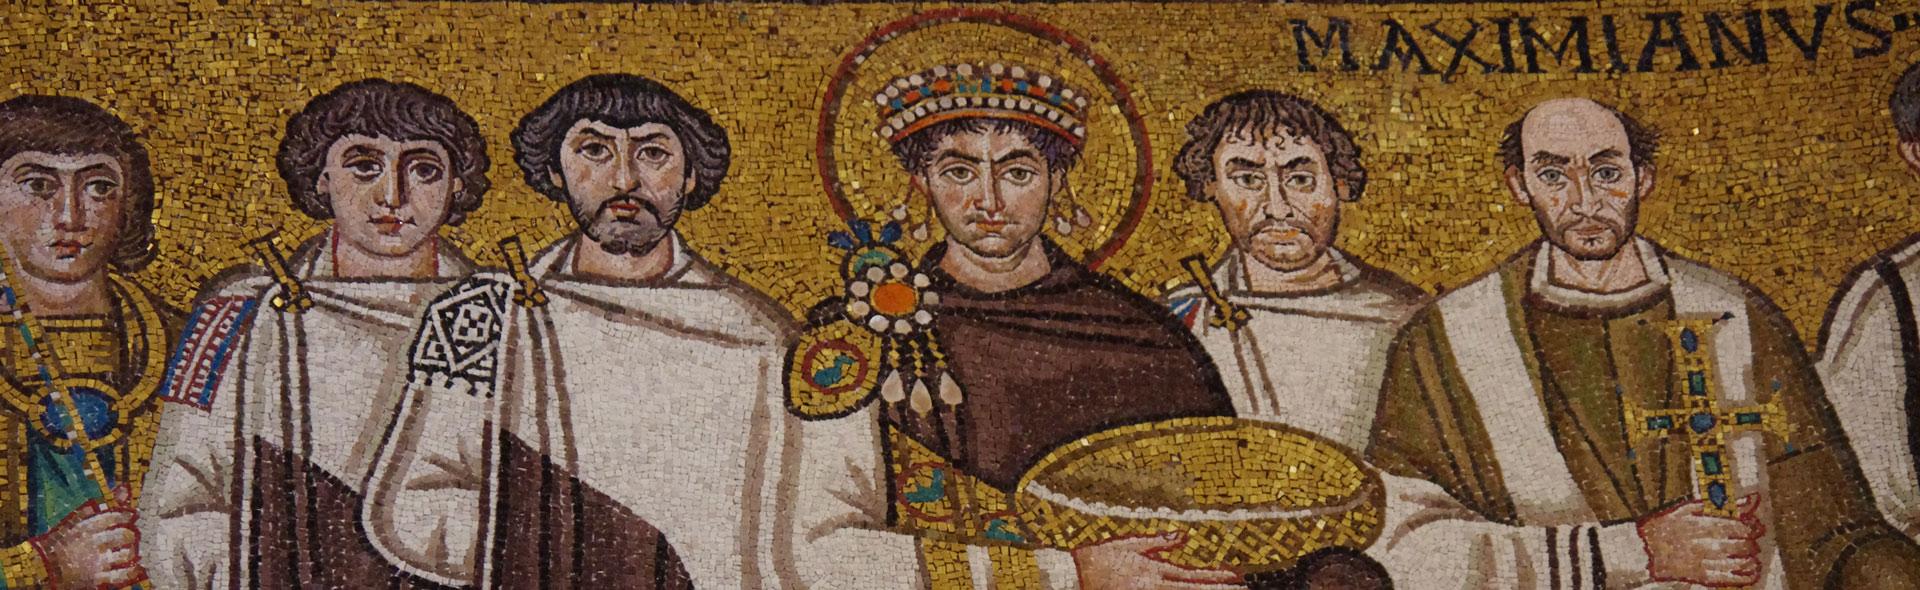 Ravenna, Stadt Theoderichs